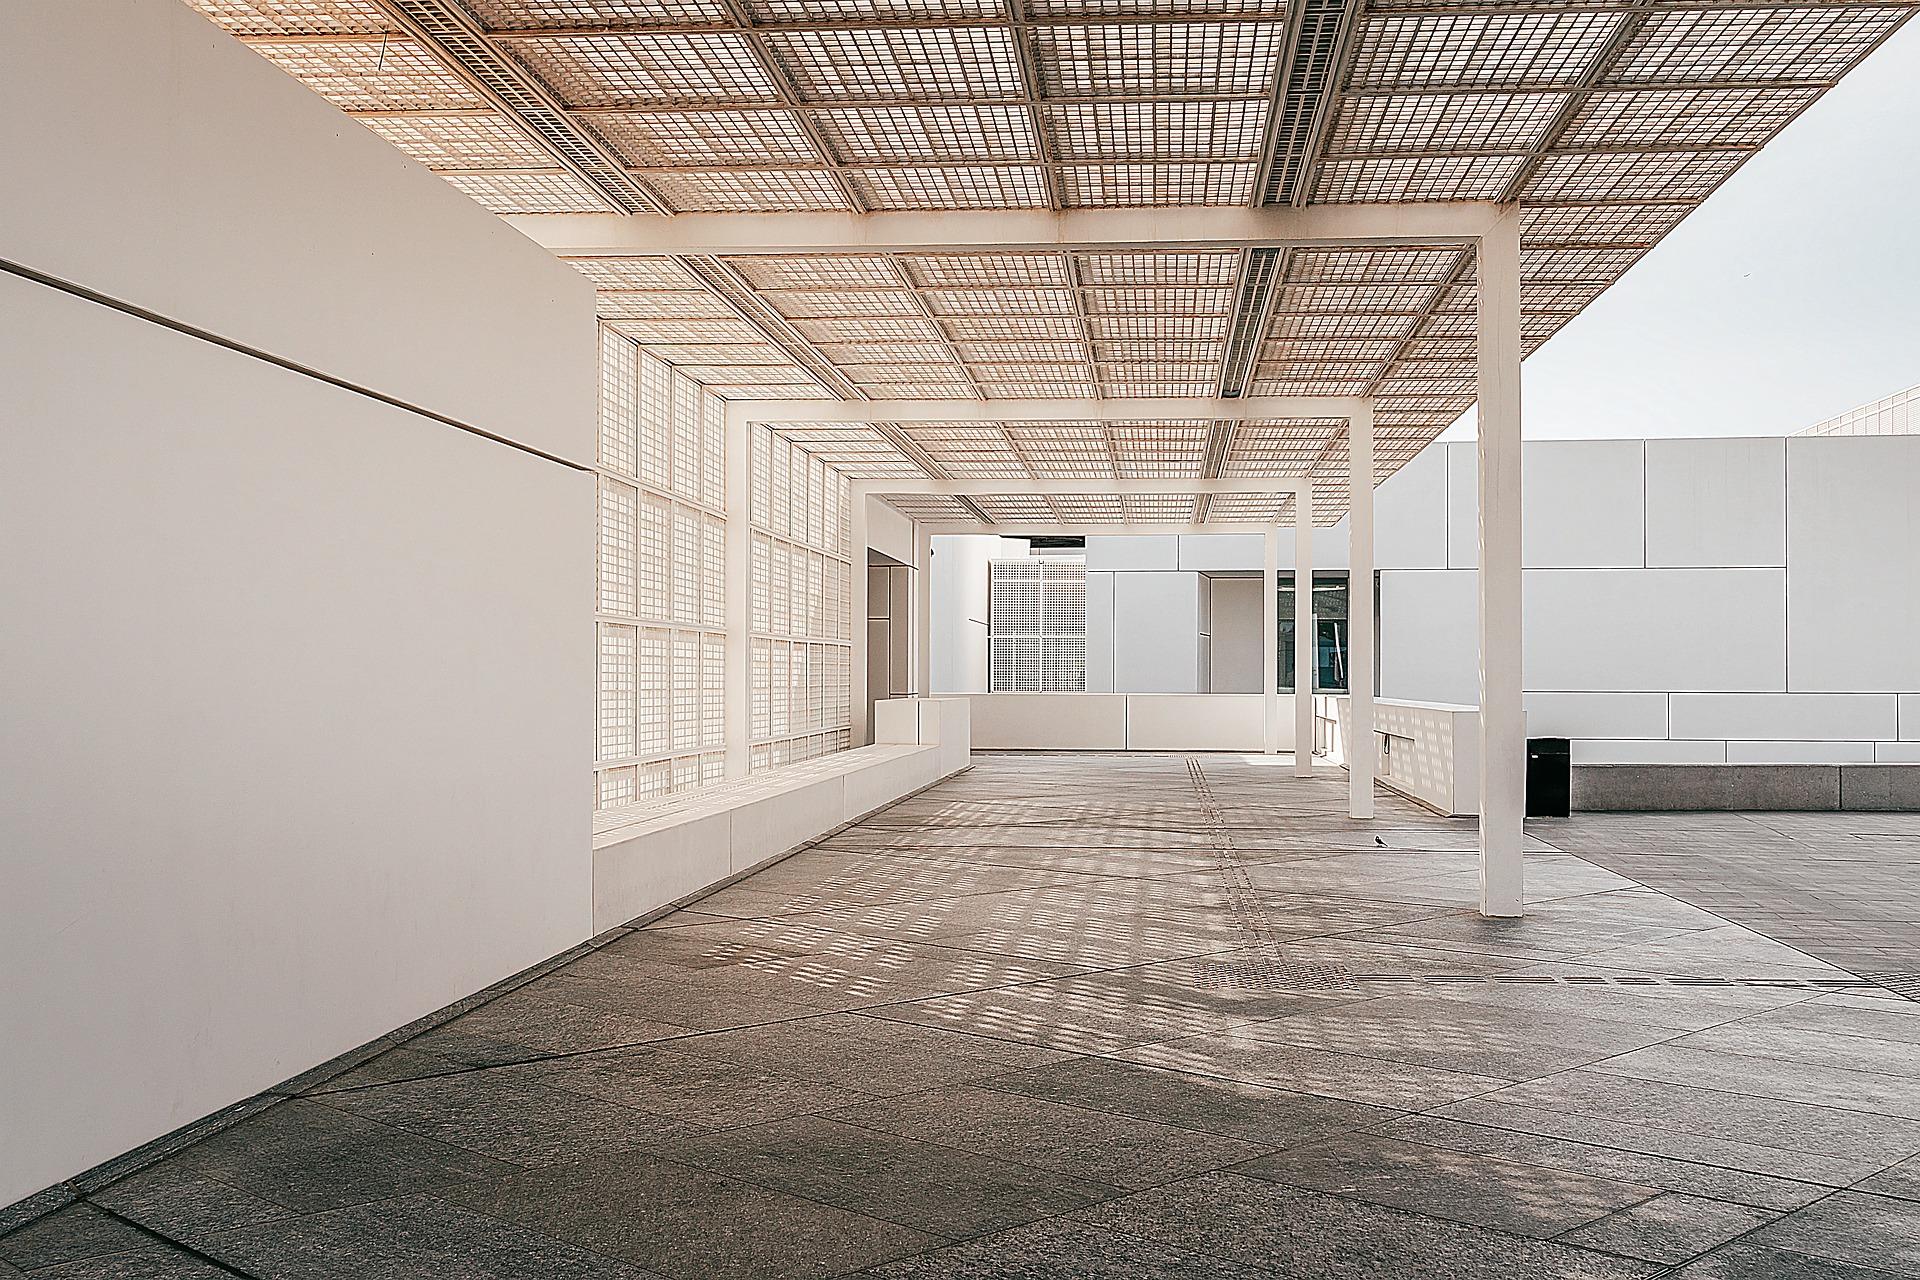 Arquitectura - rehabilitación de edificios